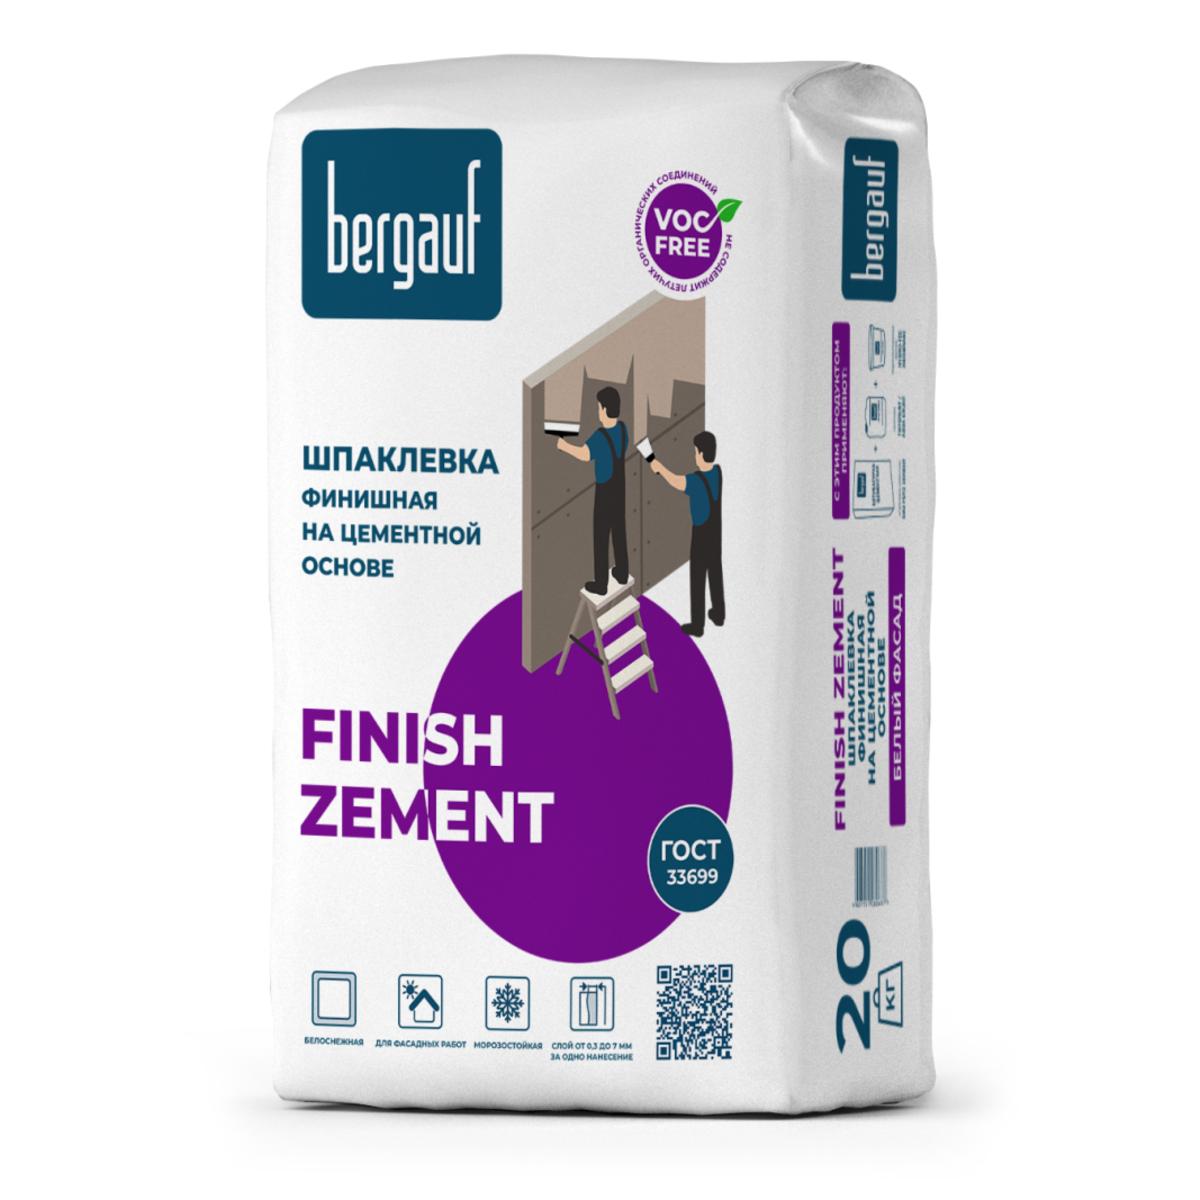 Шпаклевка цементная финишная Bergauf Finish Zement 20 кг